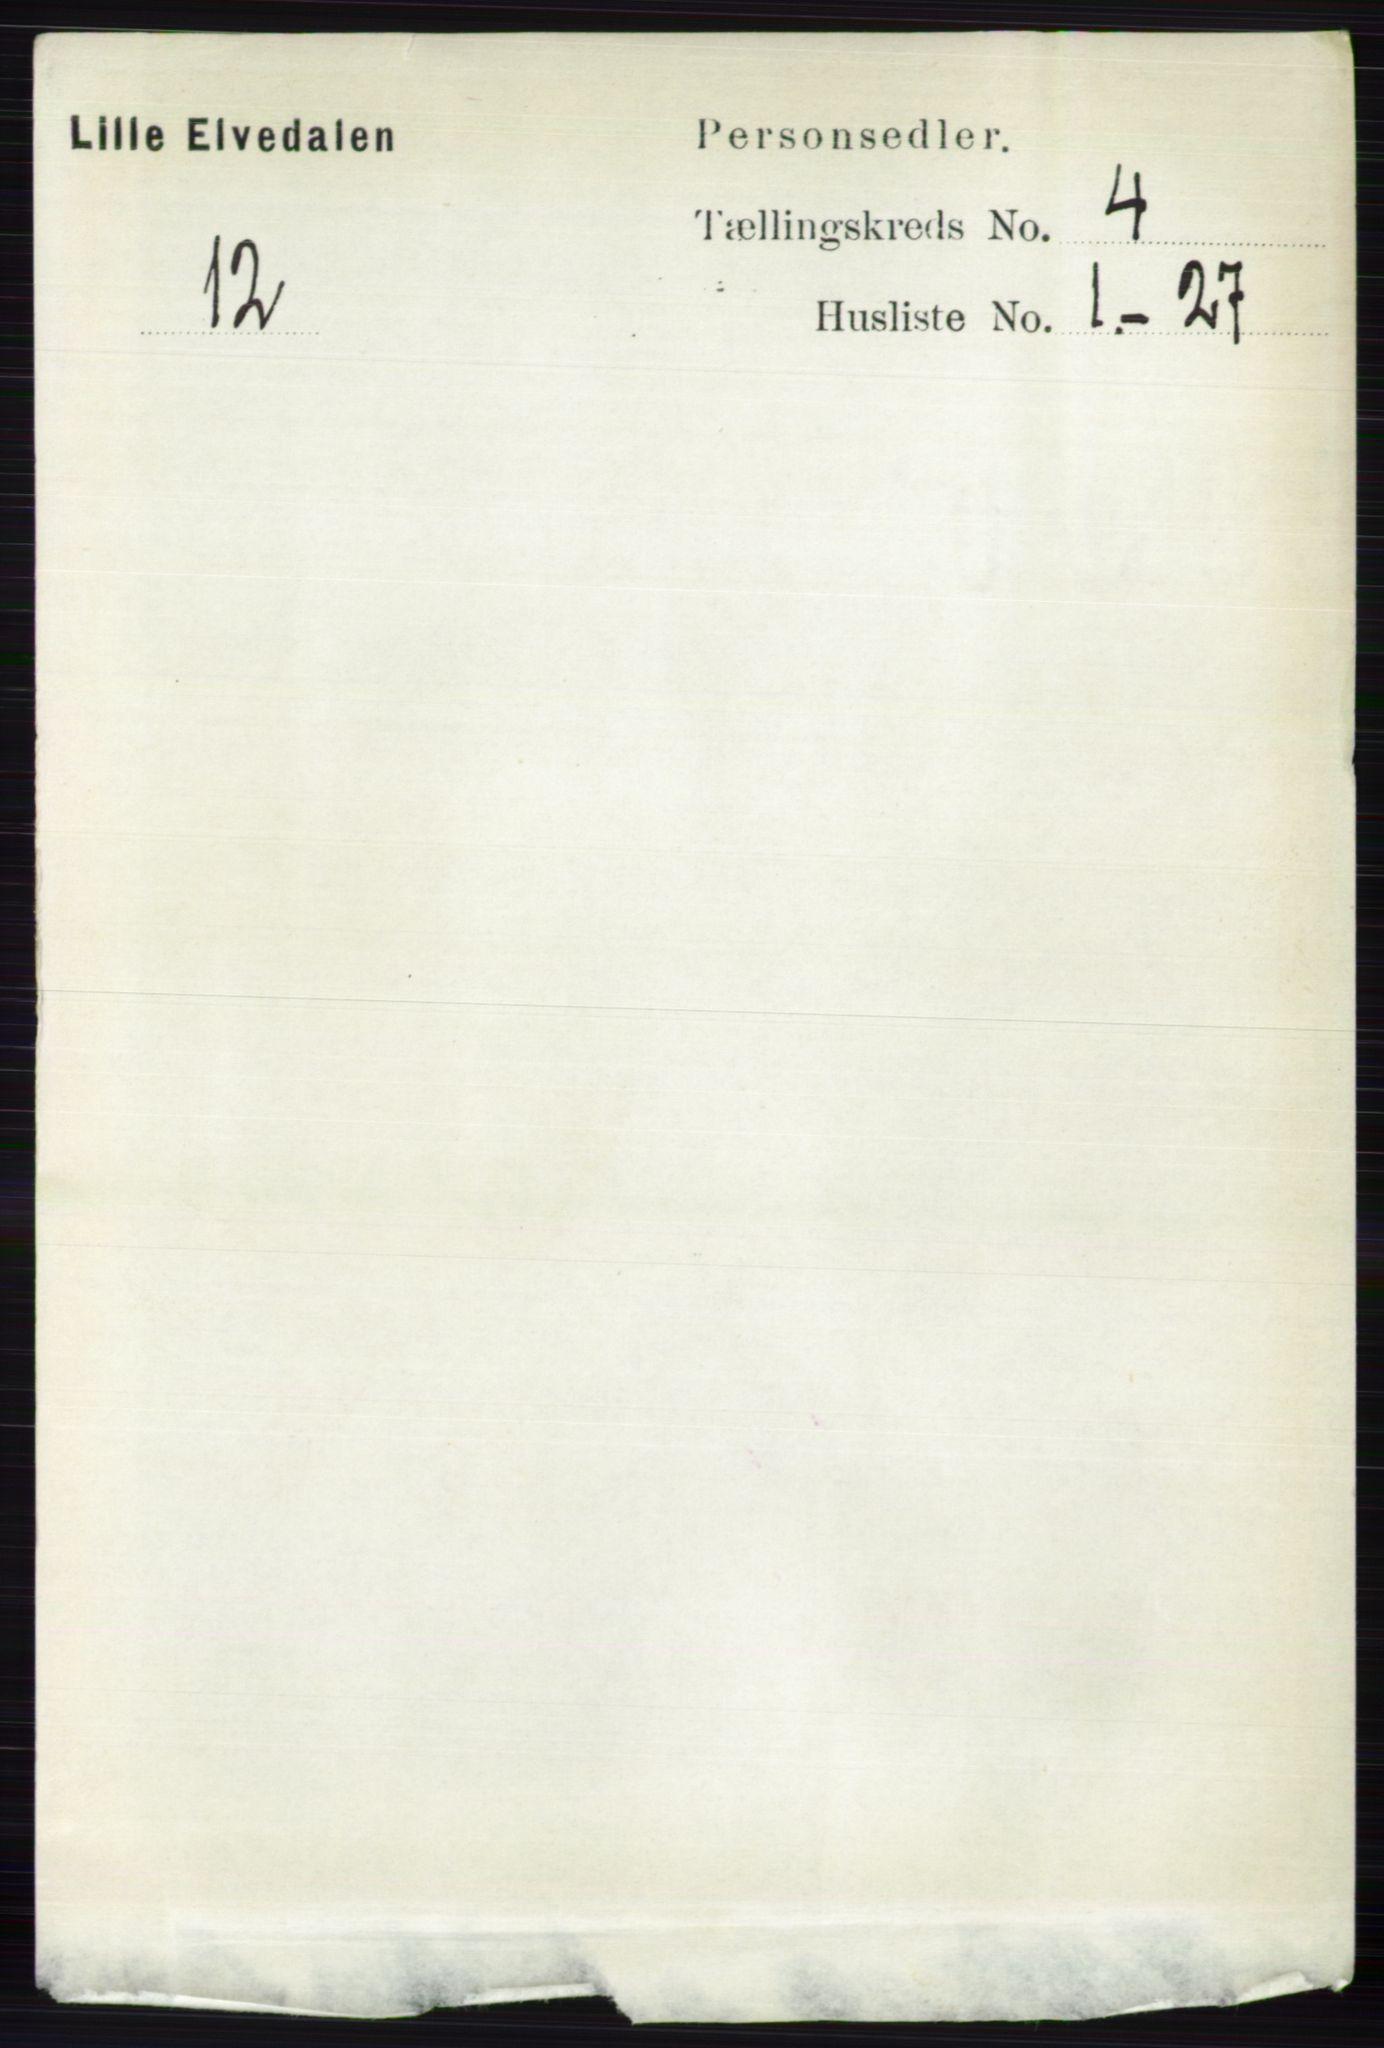 RA, Folketelling 1891 for 0438 Lille Elvedalen herred, 1891, s. 1323